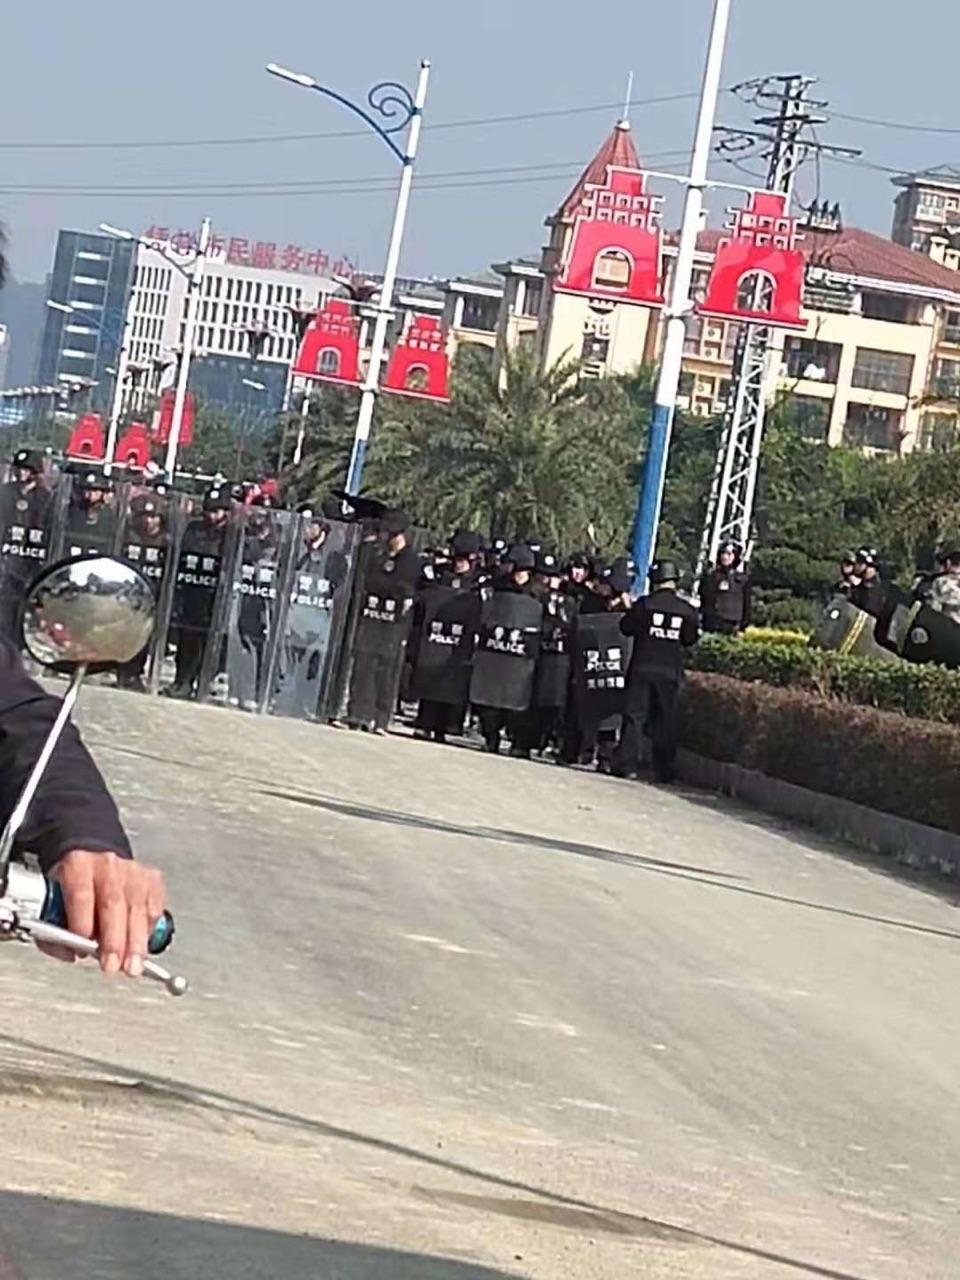 11月29日,廣西憑祥市板透村因強徵土地引發警民衝突。(受訪者提供)